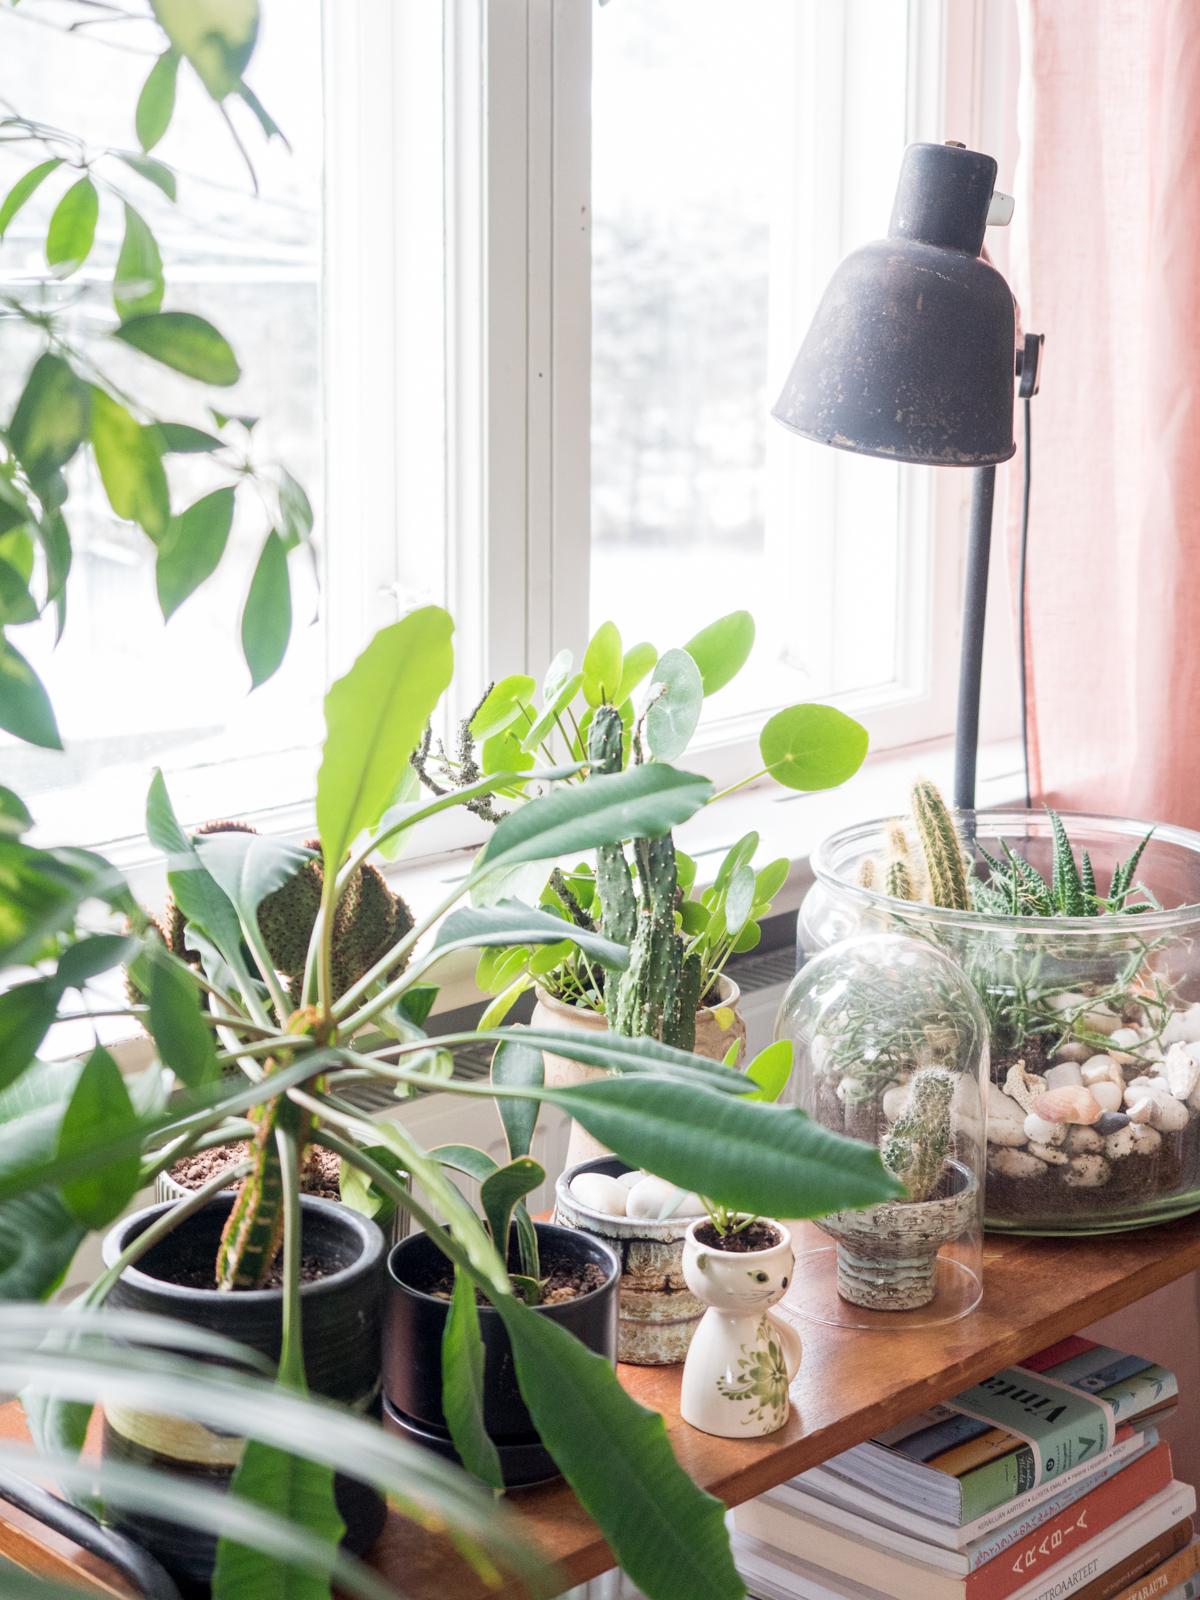 viherkasvien ryhmittäminen